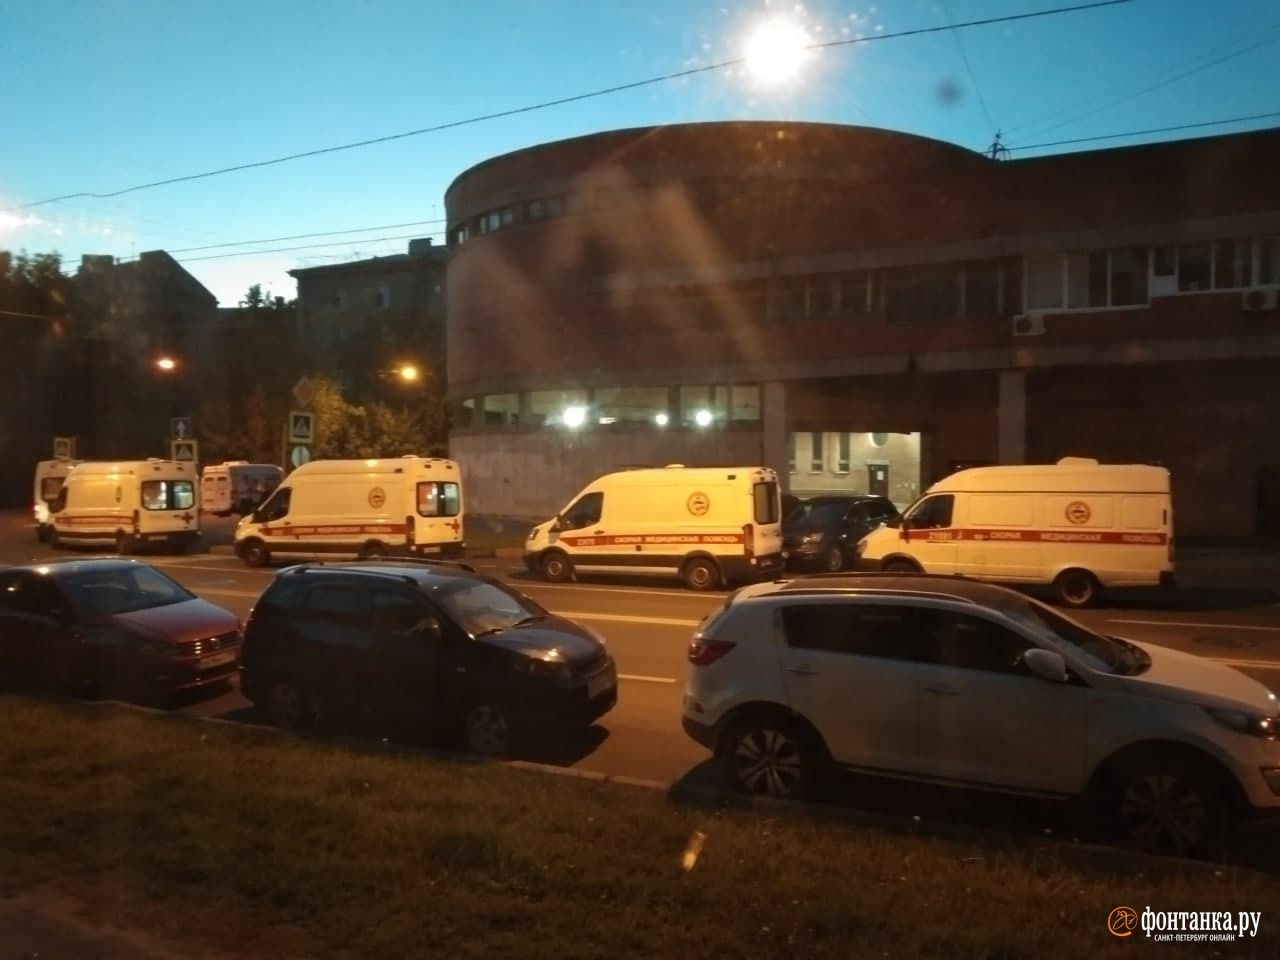 Ждут по 34 часа: в Петербурге очереди из скорых стоят теперь даже по ночам